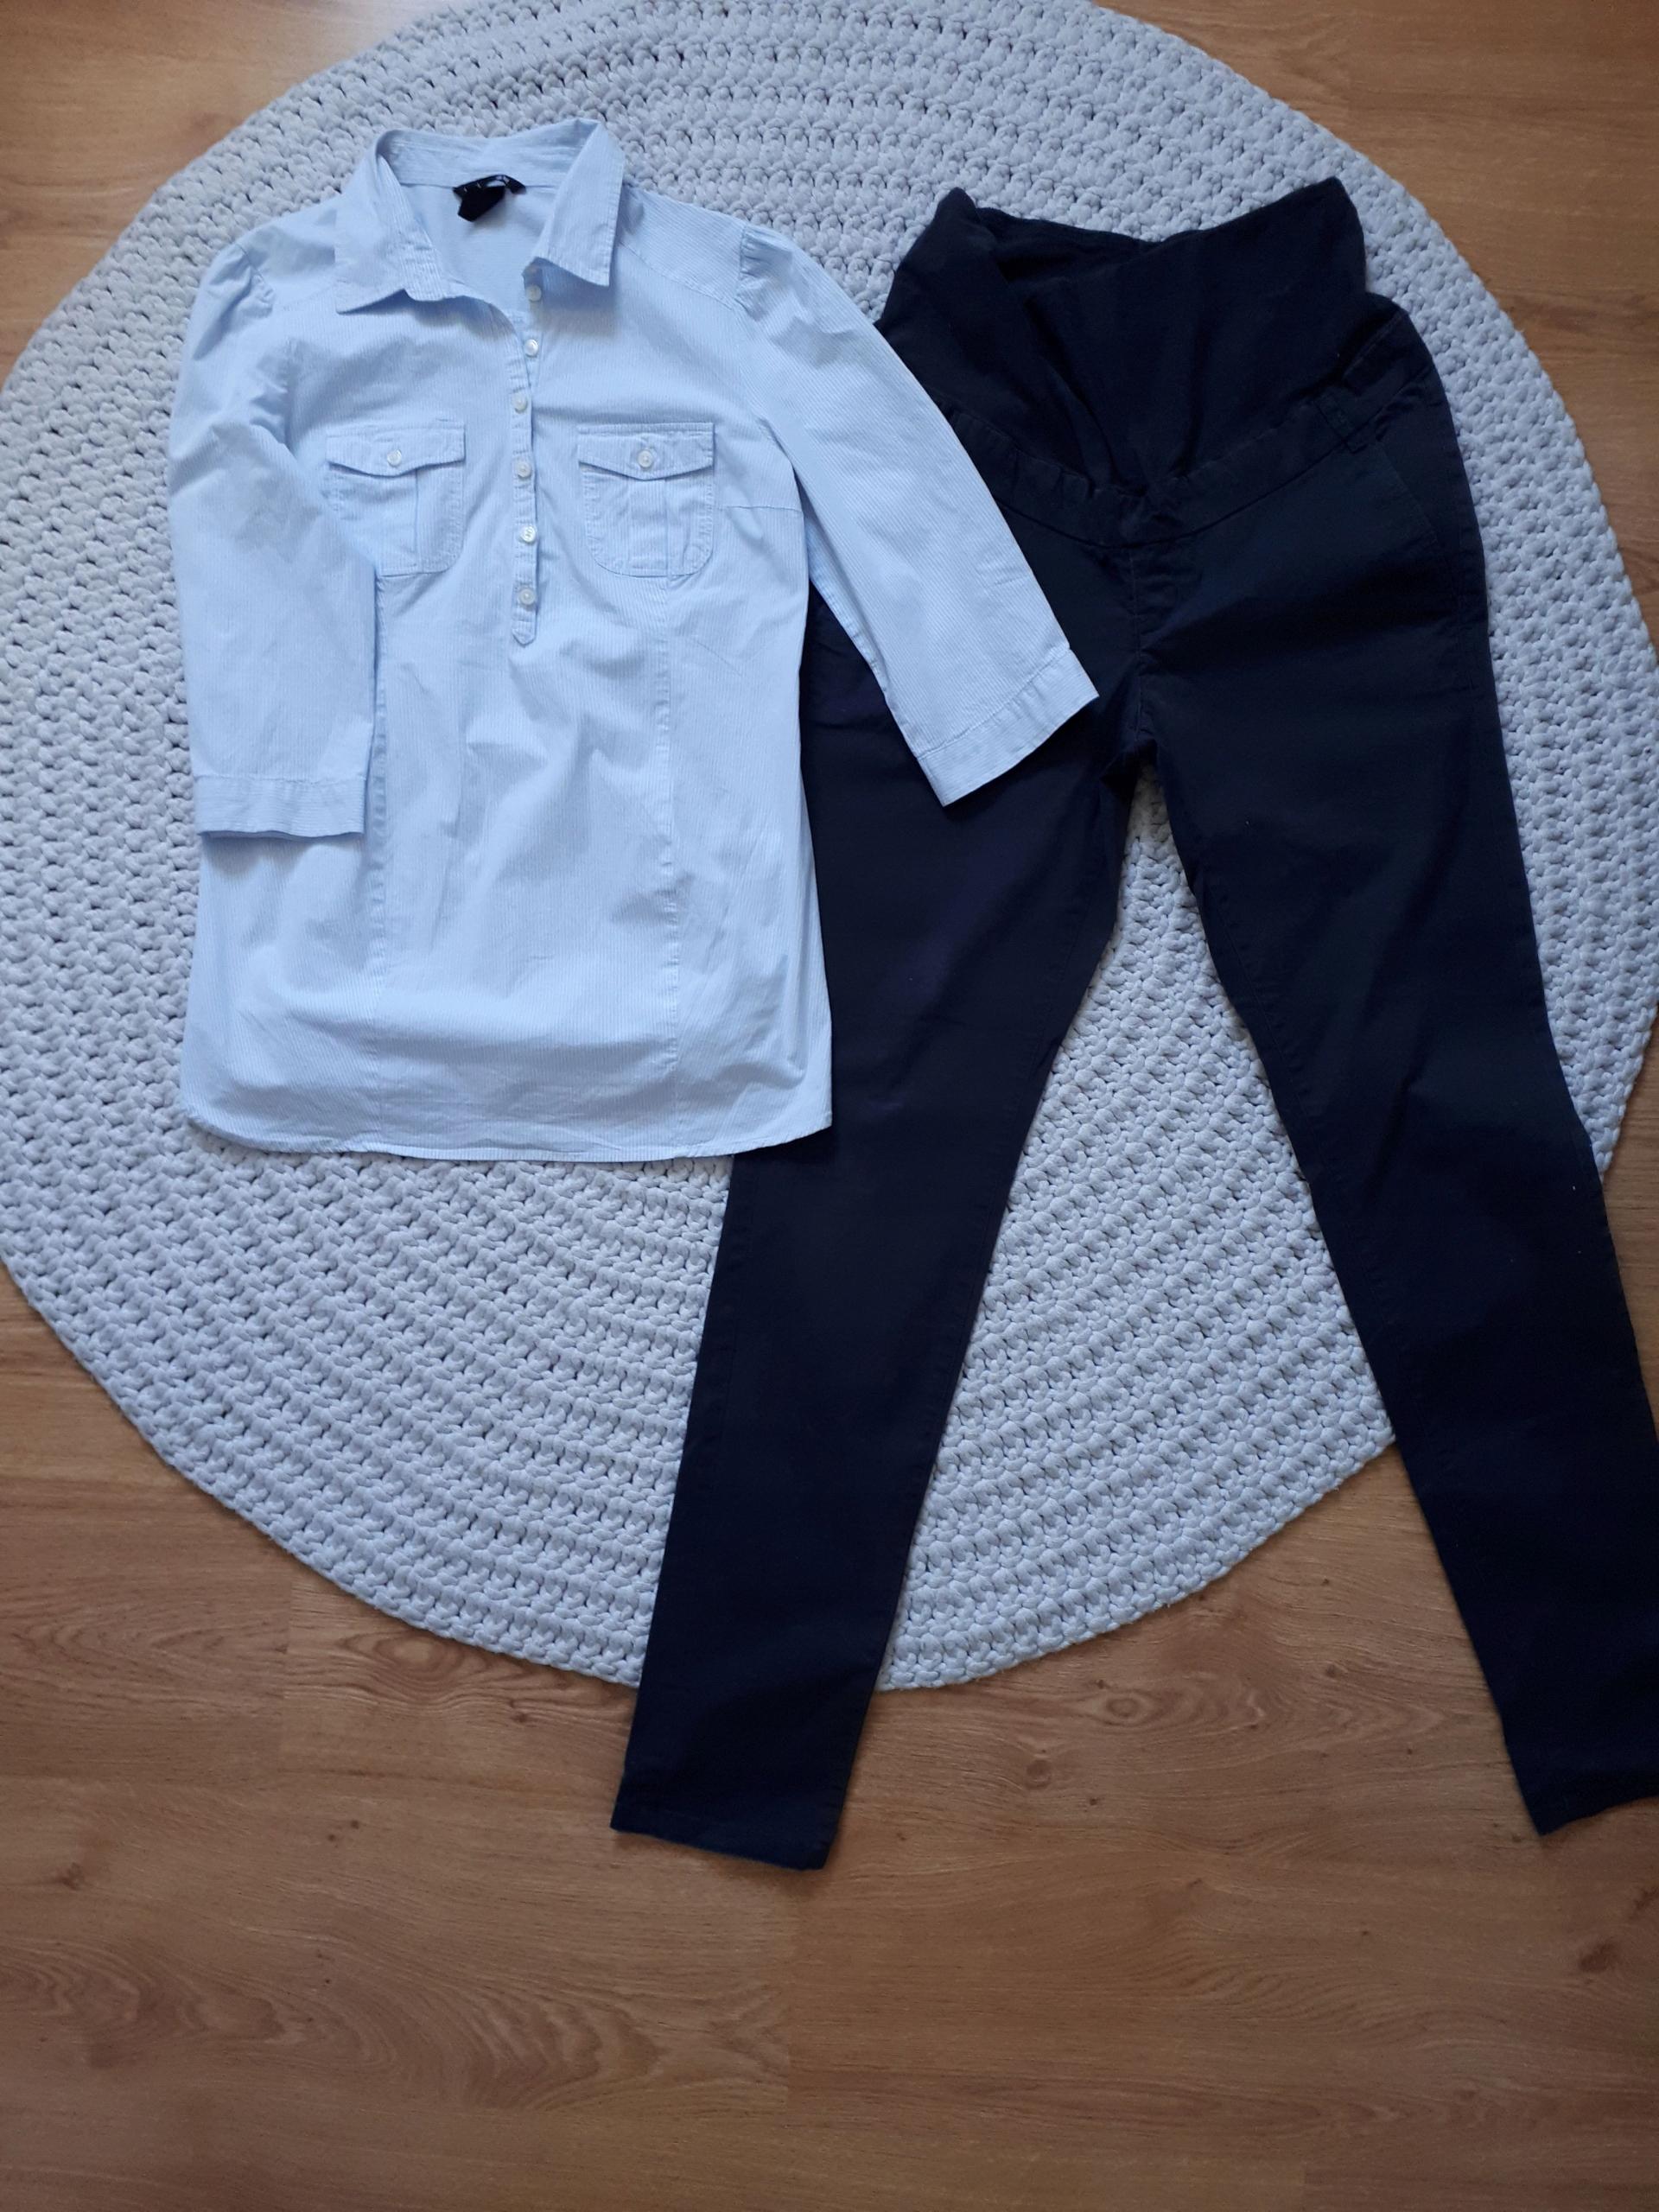 94e1e9ad spodnie ciążowe h&m 38 bluzka ciążowa rozm.S - 7456893582 ...